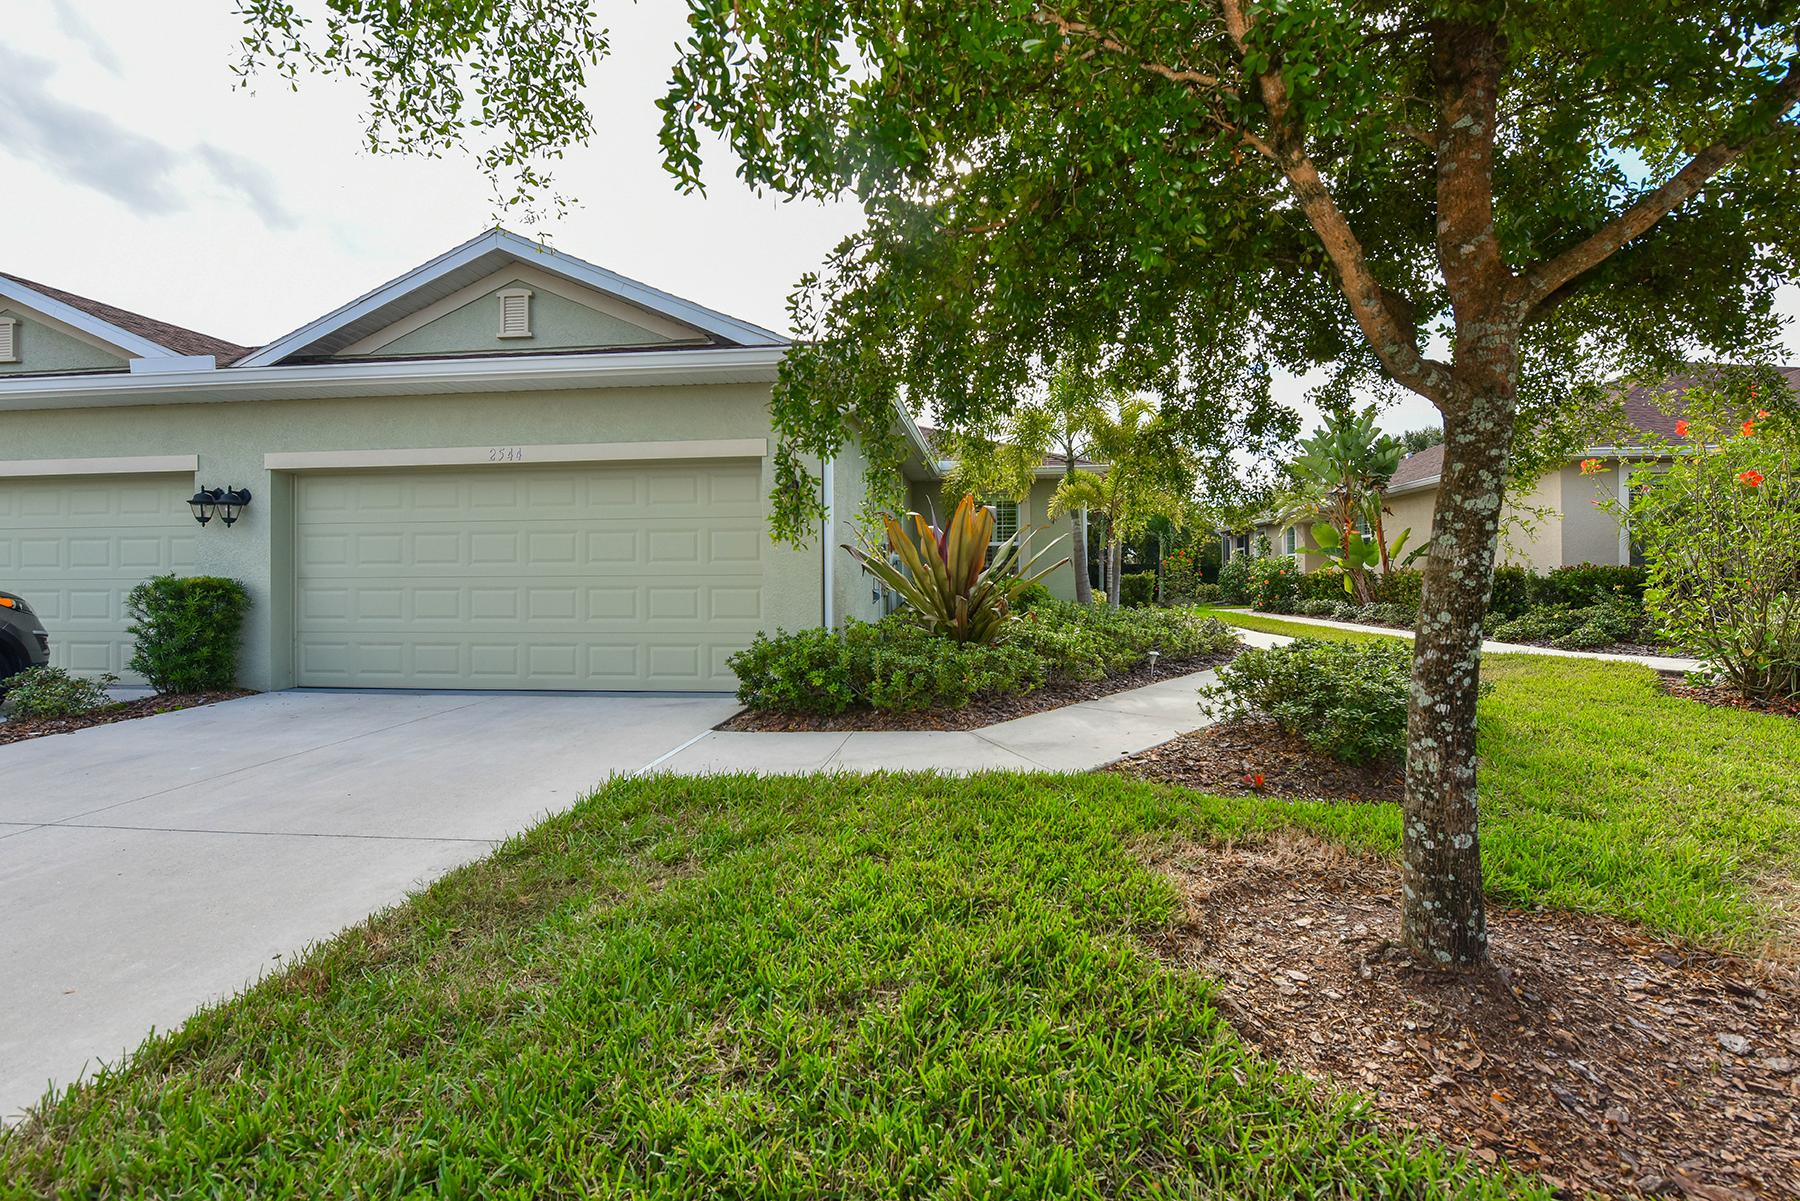 联栋屋 为 销售 在 VERONA RESERVE 2544 Terracina Dr 威尼斯, 佛罗里达州, 34292 美国